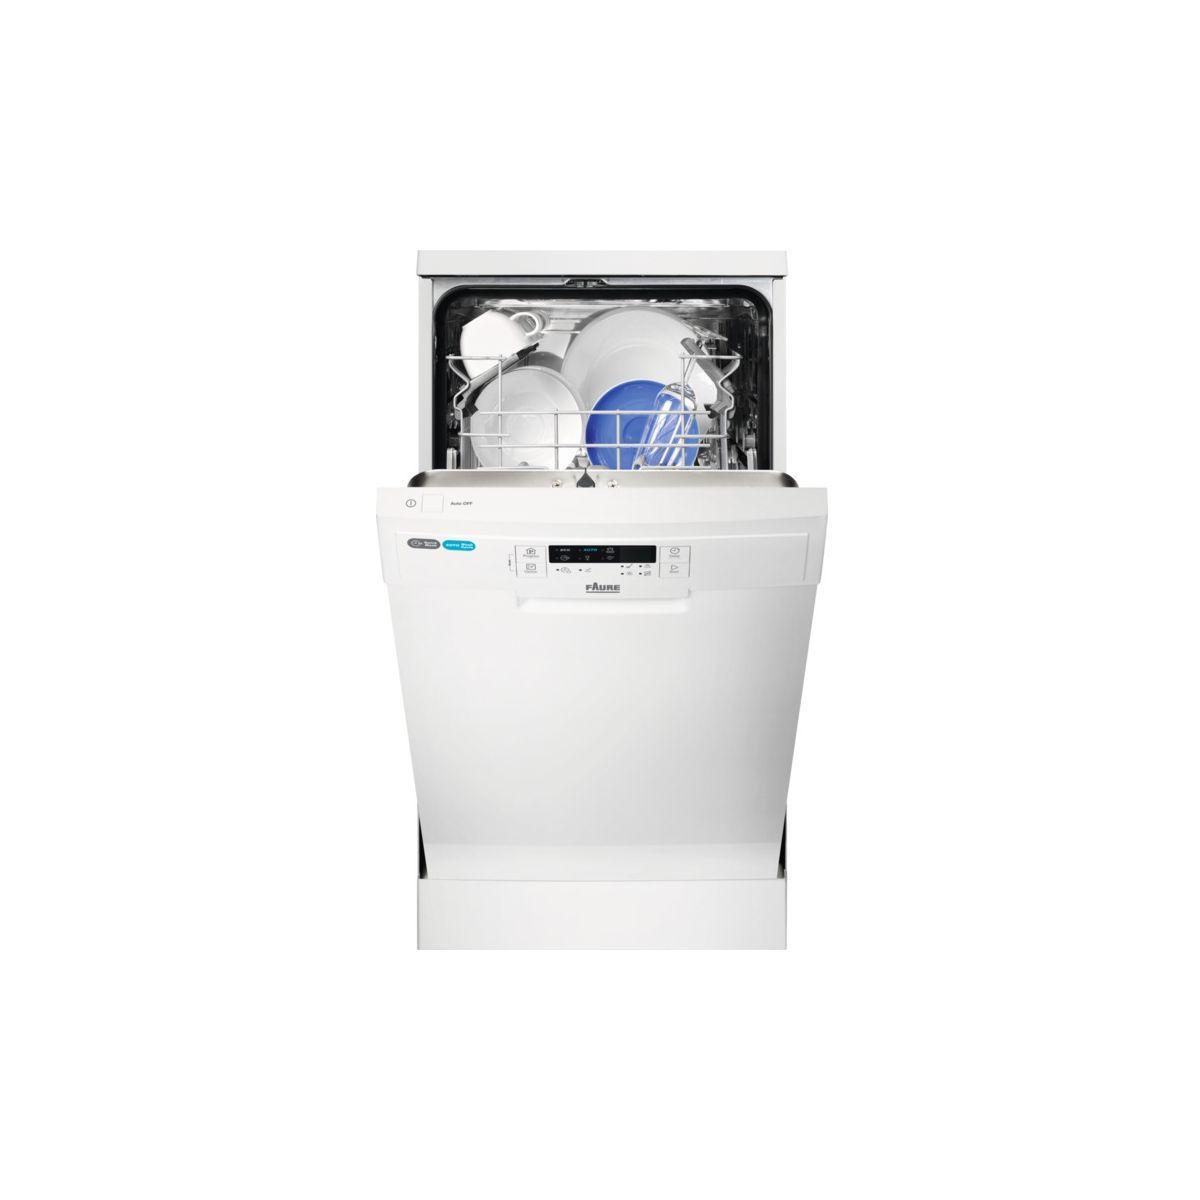 Lave vaisselle 45 cm faure fds15012wa - livraison offerte : code livp